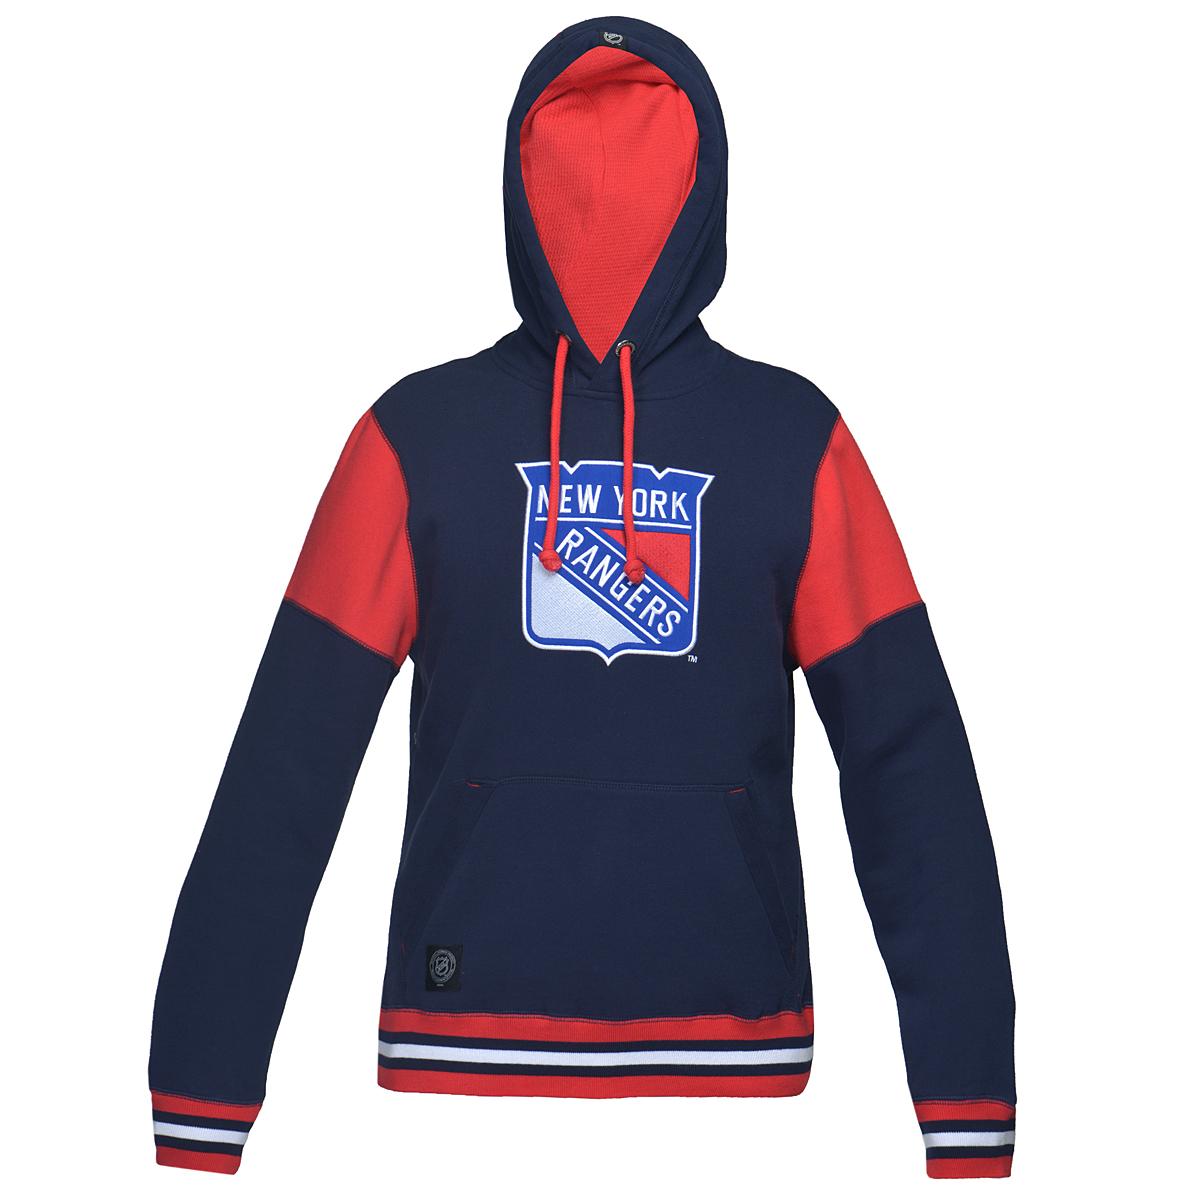 35020Теплая толстовка NHL New York Rangers, изготовленная из высококачественного хлопкового материала, необычайно мягкая и приятная на ощупь, не сковывает движения, обеспечивая наибольший комфорт. Толстовка с капюшоном на кулиске спереди имеет вместительный карман кенгуру. На груди оформлена вышивкой в виде эмблемы хоккейного клуба New York Rangers. Толстовка имеет широкую мягкую резинку по низу, что предотвращает проникновение холодного воздуха, и длинные рукава с широкими эластичными манжетами, не стягивающими запястья. Эта модная и в тоже время комфортная толстовка отличный вариант как для активного отдыха, так и для занятий спортом!